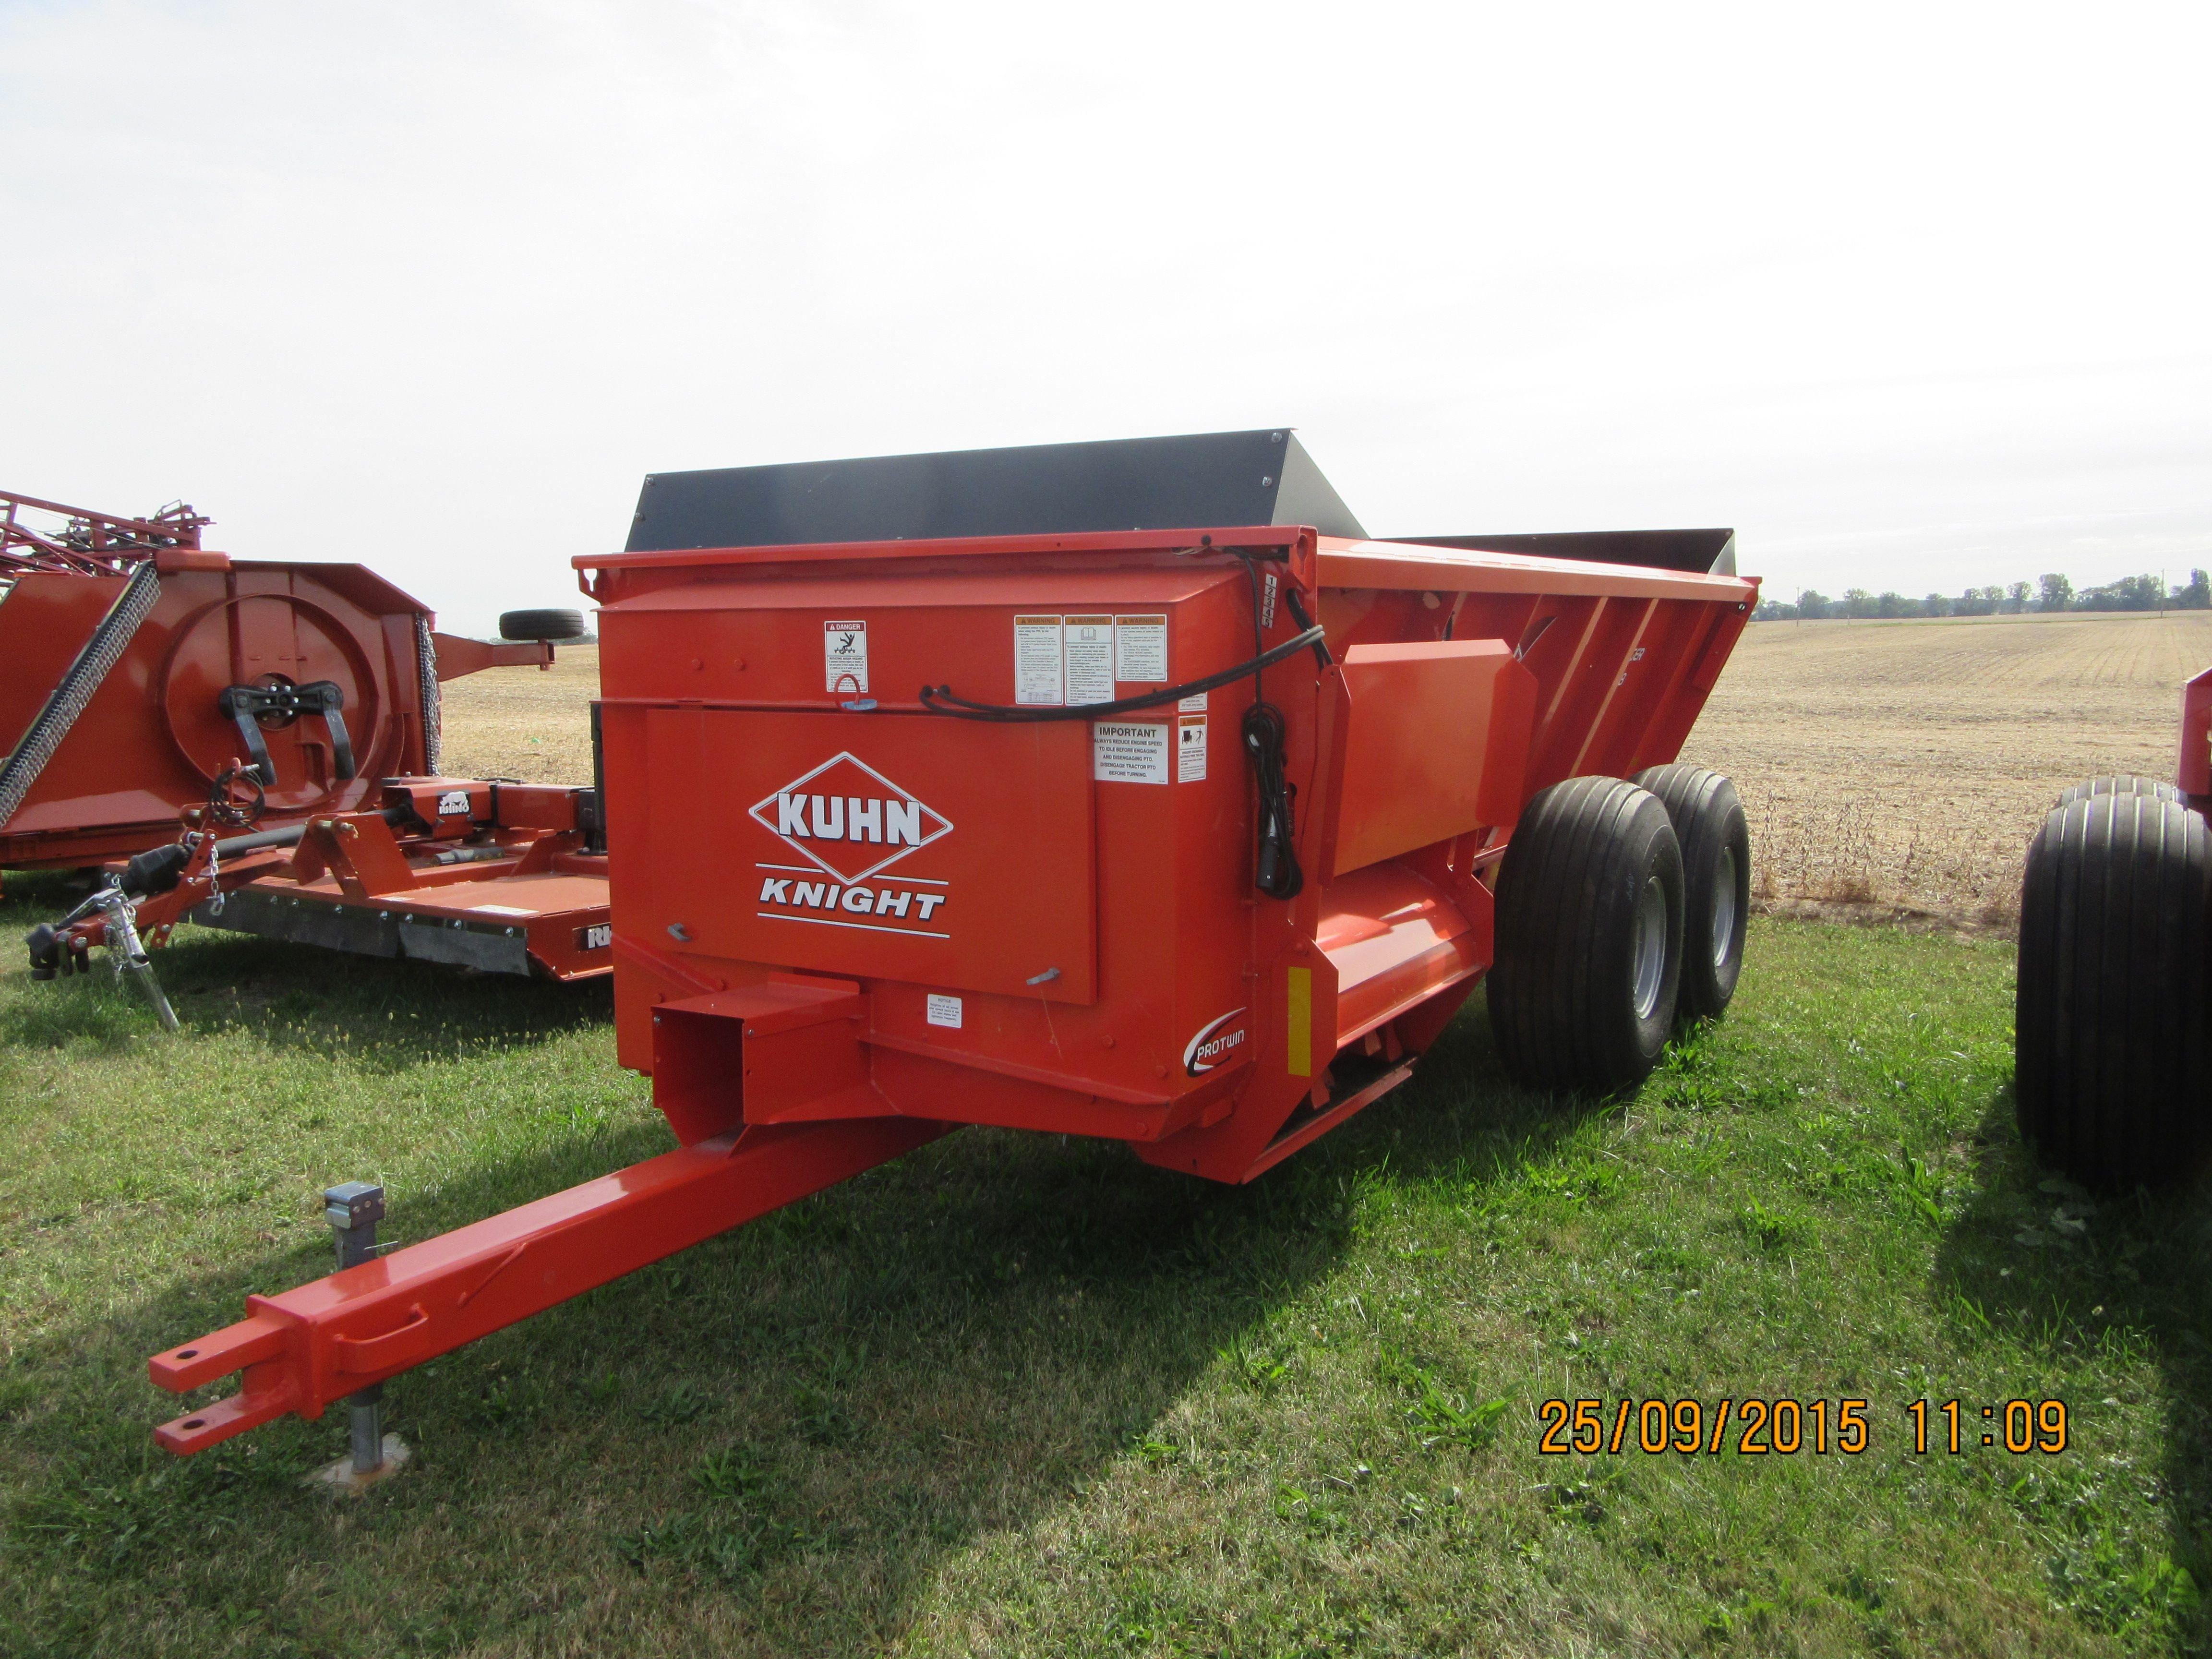 Kuhn knight 8118 manure spreader